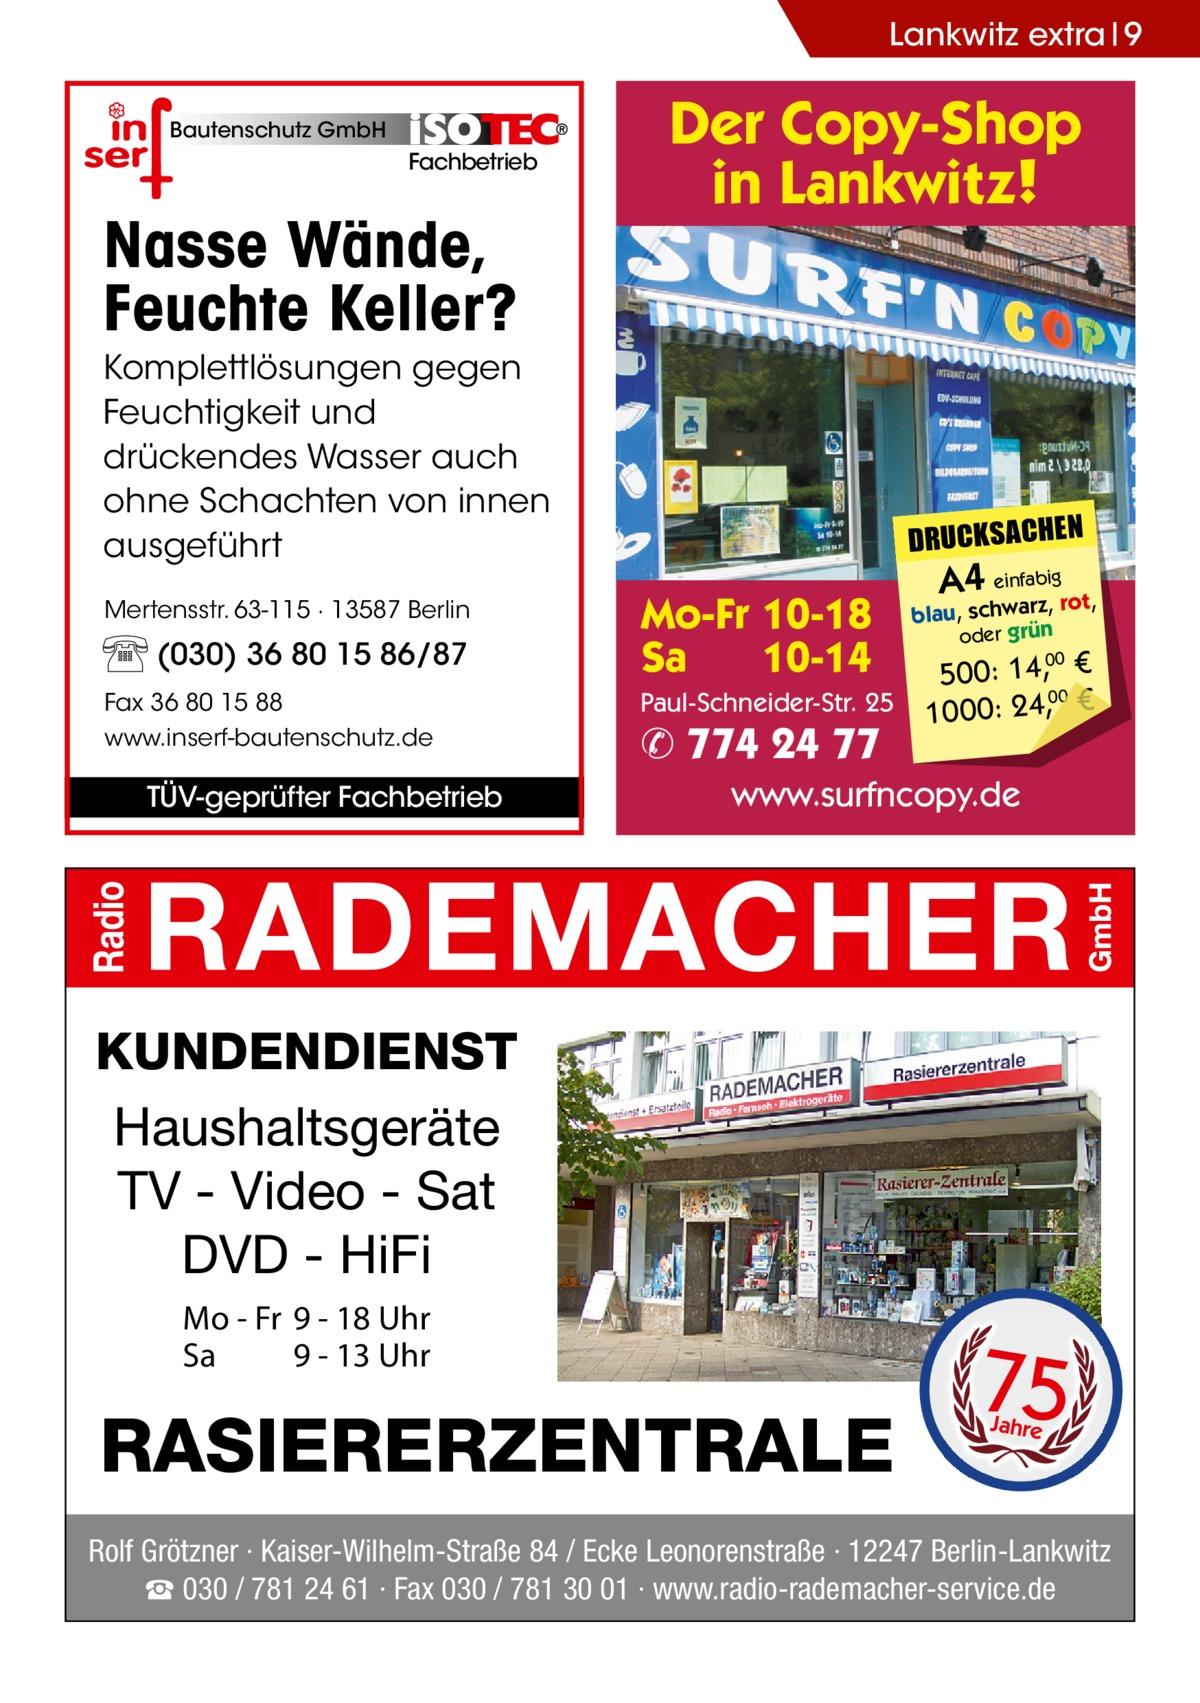 Lankwitz extra 9 Bautenschutz GmbH  Fachbetrieb  Nasse Wände, Feuchte Keller?  Der Copy-Shop in Lankwitz!  Komplettlösungen gegen Feuchtigkeit und drückendes Wasser auch ohne Schachten von innen ausgeführt Mertensstr. 63-115 · 13587 Berlin  (030) 36 80 15 86/87 Fax 36 80 15 88 www.inserf-bautenschutz.de  TÜV-geprüfter Fachbetrieb  DRUCKSACHEN  Mo-Fr 10-18 Sa 10-14 Paul-Schneider-Str. 25  ✆ 774 24 77  A4 einfabigrot,  blau, schwarz, oder grün  500: 14, € 00 1000: 24,, € 00  www.surfncopy.de  KUNDENDIENST Haushaltsgeräte TV - Video - Sat DVD - HiFi Mo - Fr 9 - 18 Uhr Sa 9 - 13 Uhr  RASIERERZENTRALE  75 Jahre  Rolf Grötzner · Kaiser-Wilhelm-Straße 84 / Ecke Leonorenstraße · 12247 Berlin-Lankwitz ☎ 030 / 781 24 61 · Fax 030 / 781 30 01 · www.radio-rademacher-service.de